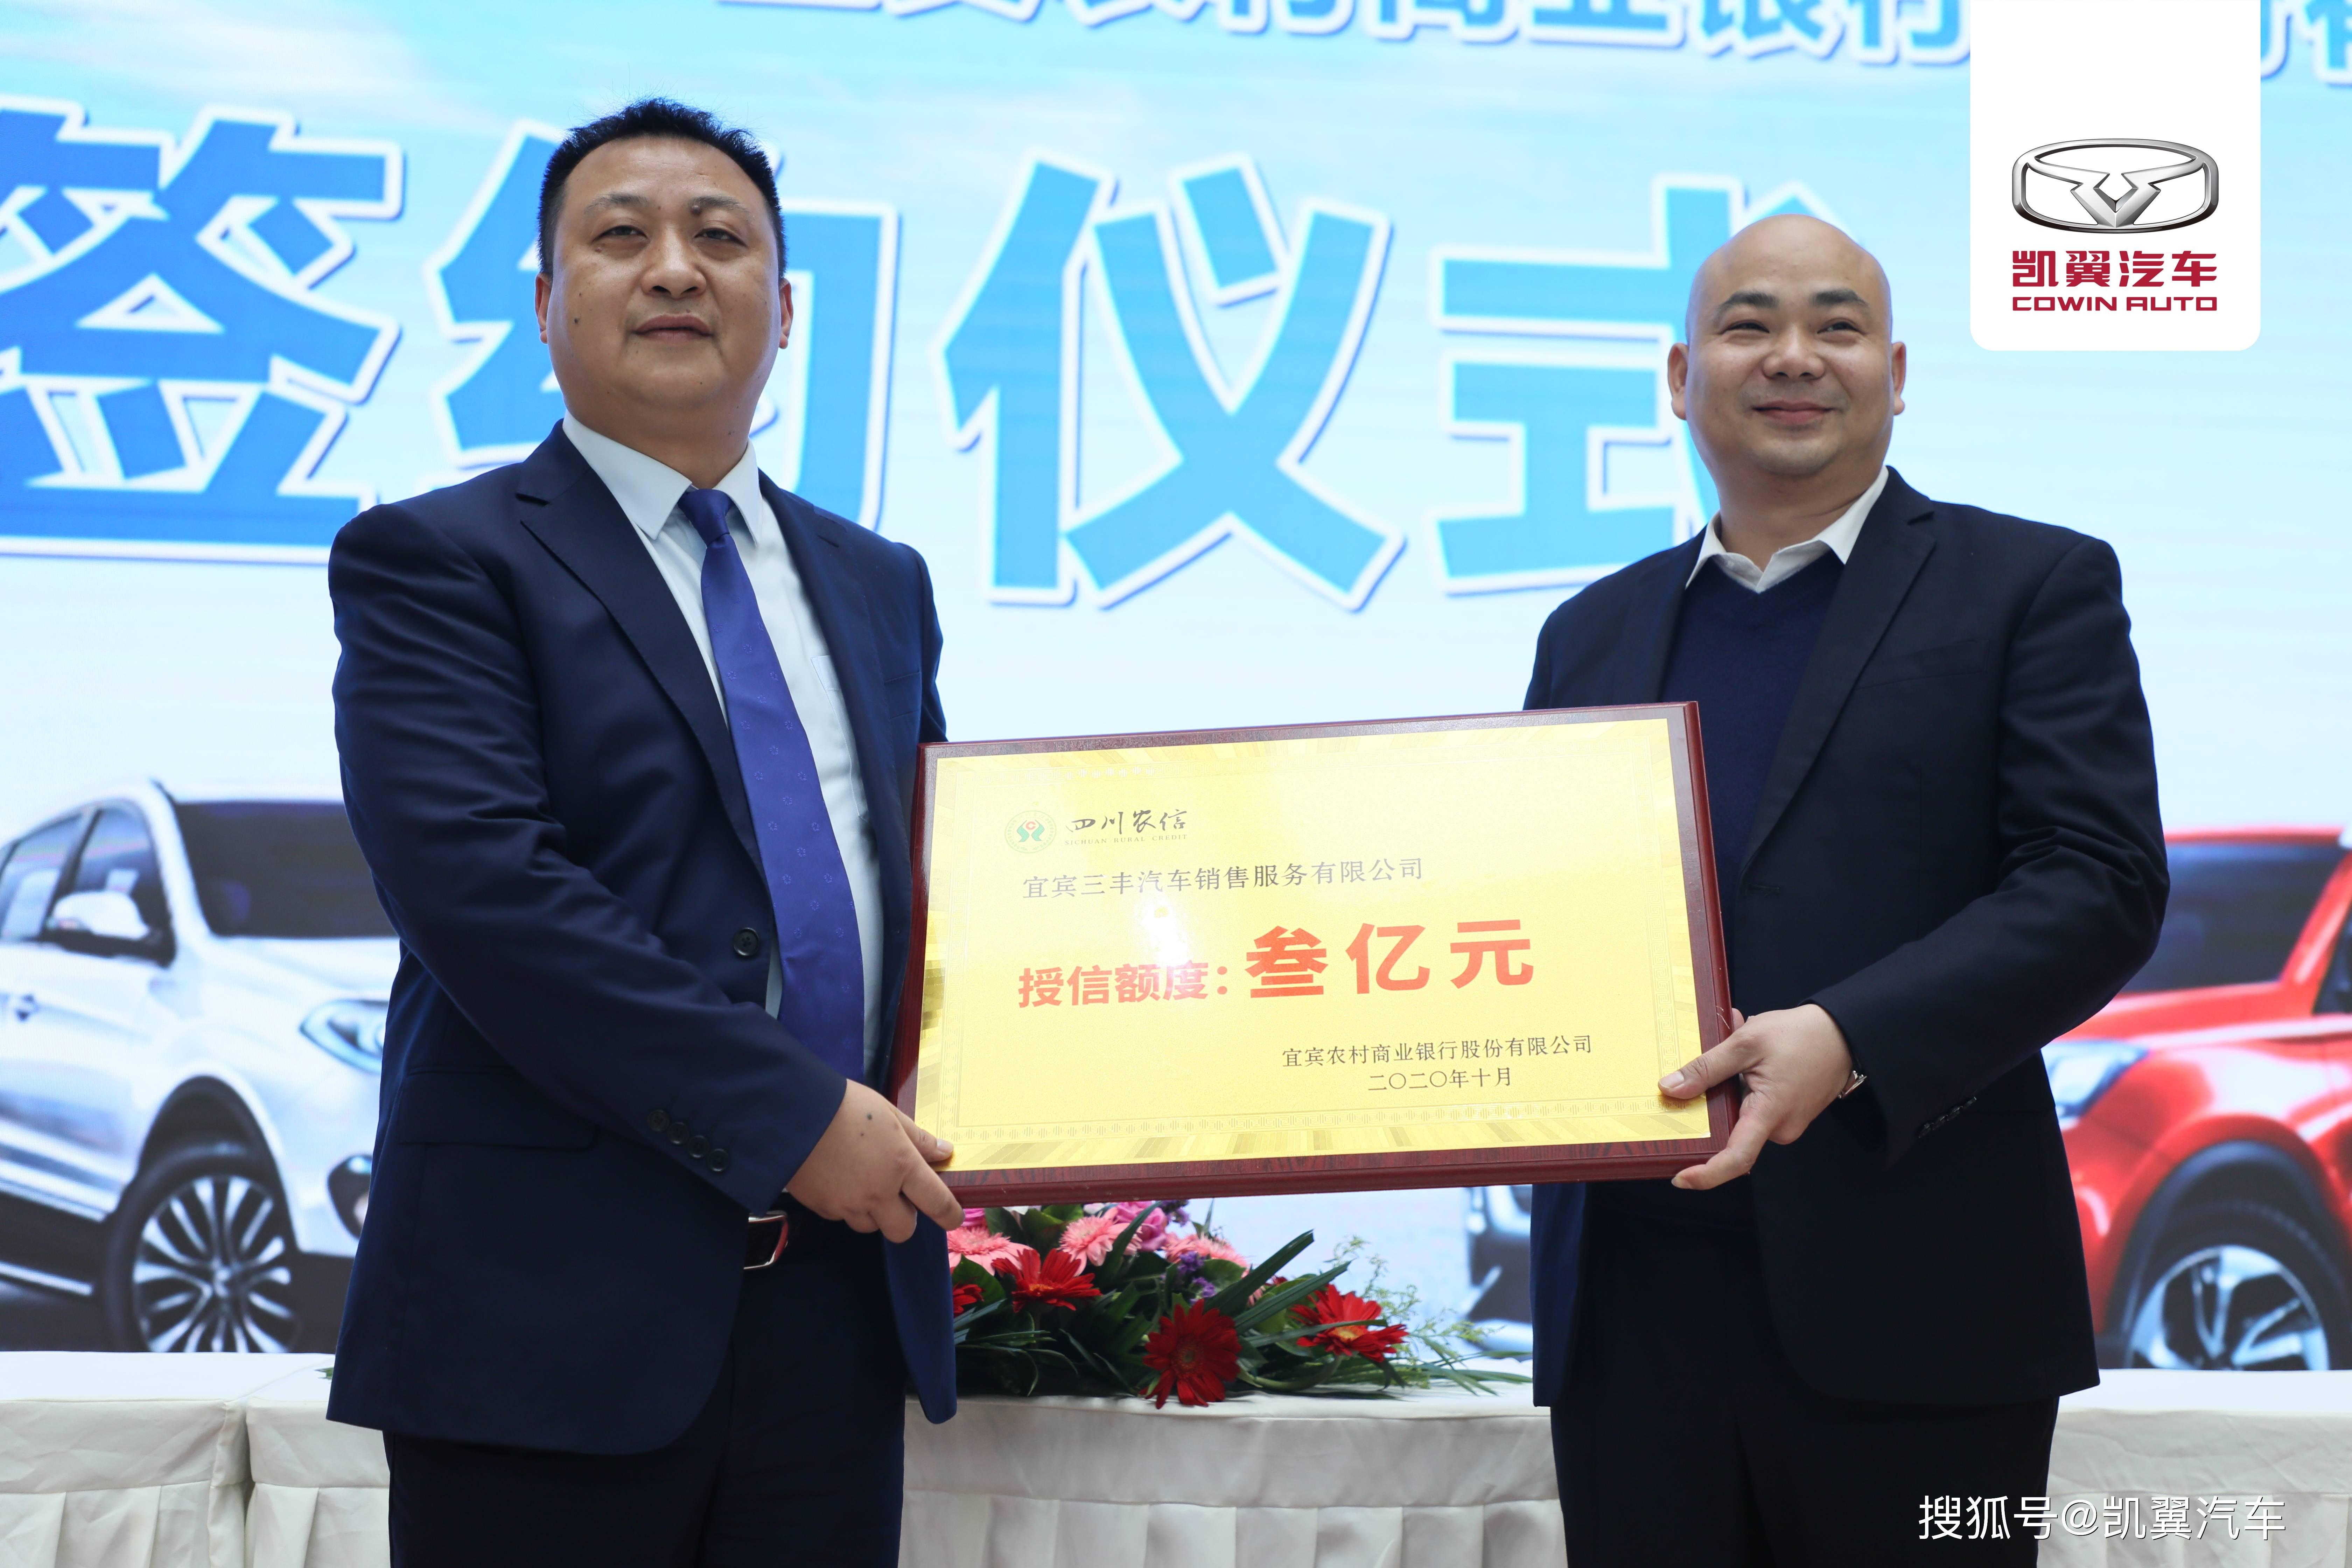 凯翼汽车有限公司副总经理刘宏伟和宜宾农商银行副行长曹华勇分别代表企银签署战略合作协议